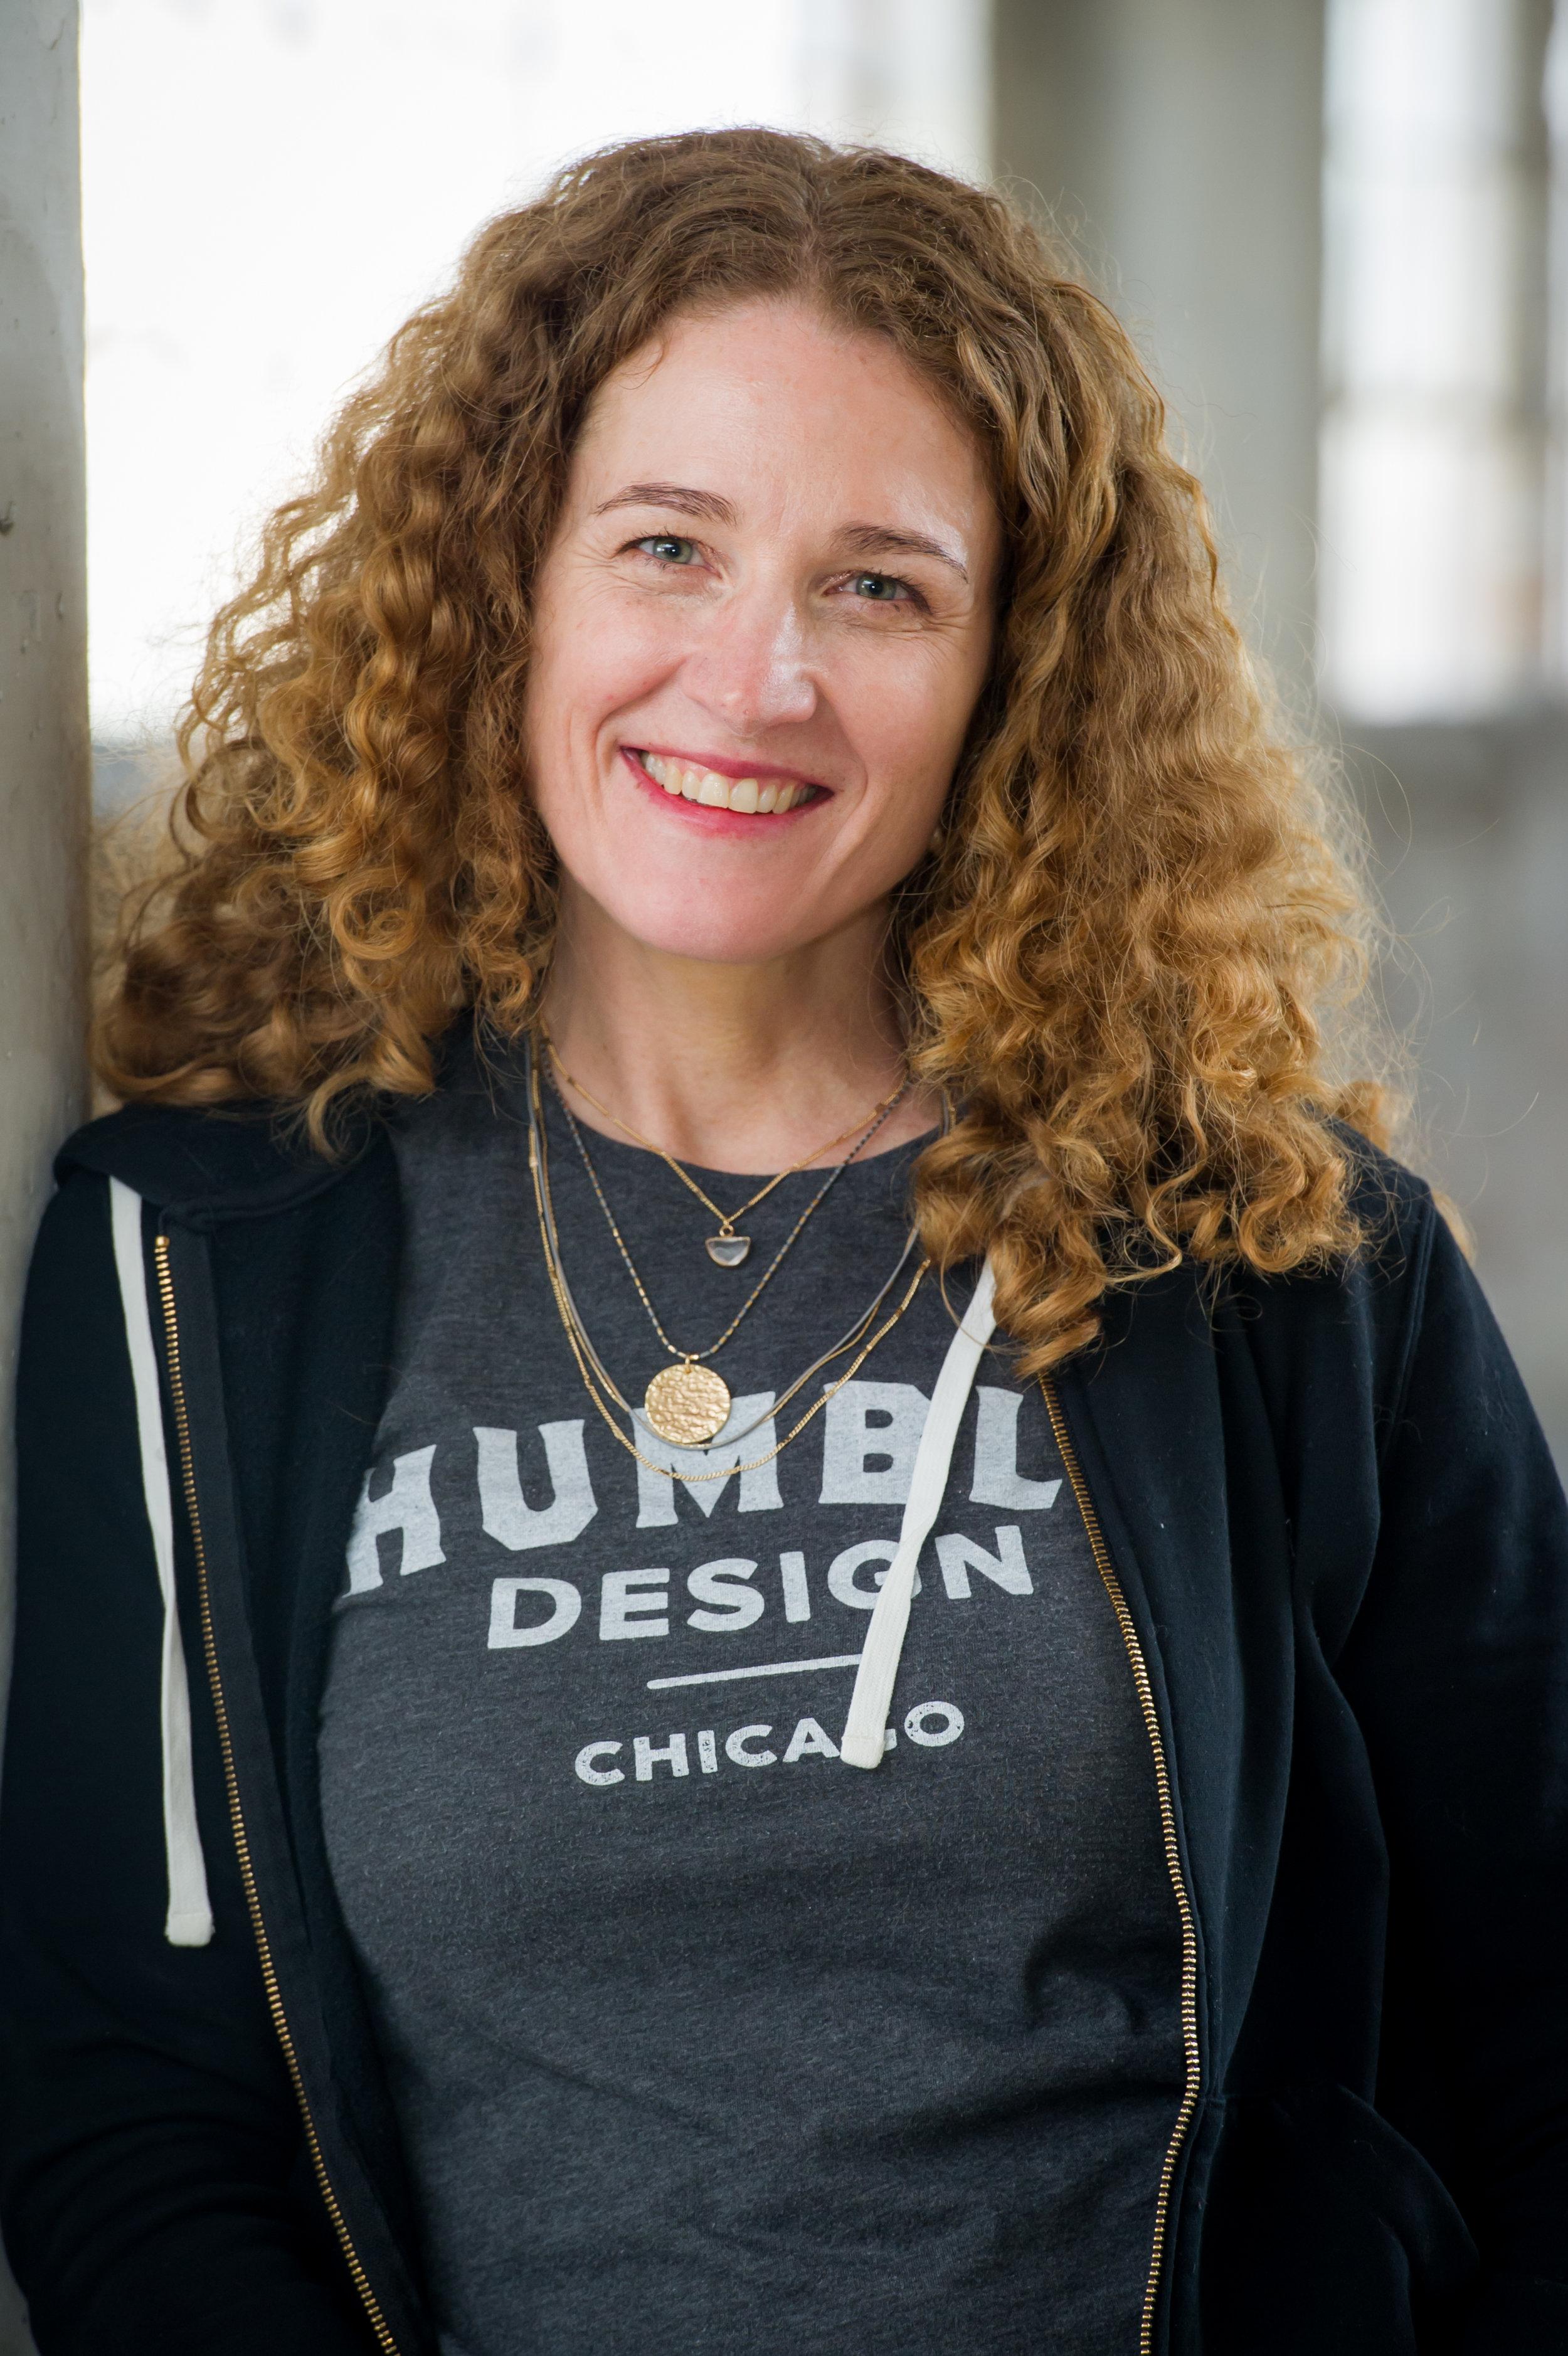 Julie Dickinson, Development Manager